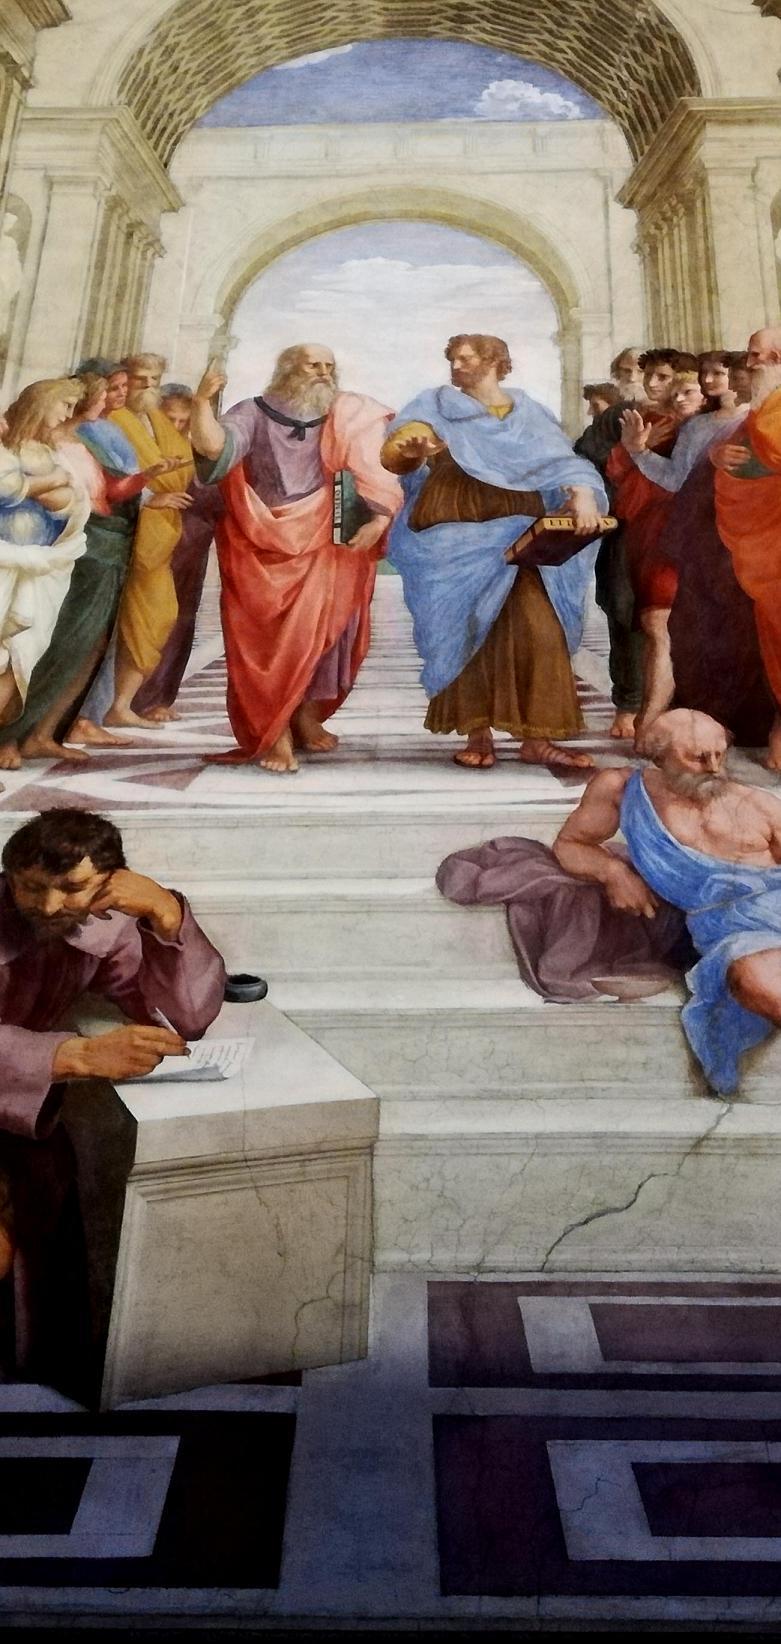 Chapelle Sixtine Chambres De Raphael Reserver Visite Musees Du Vatican